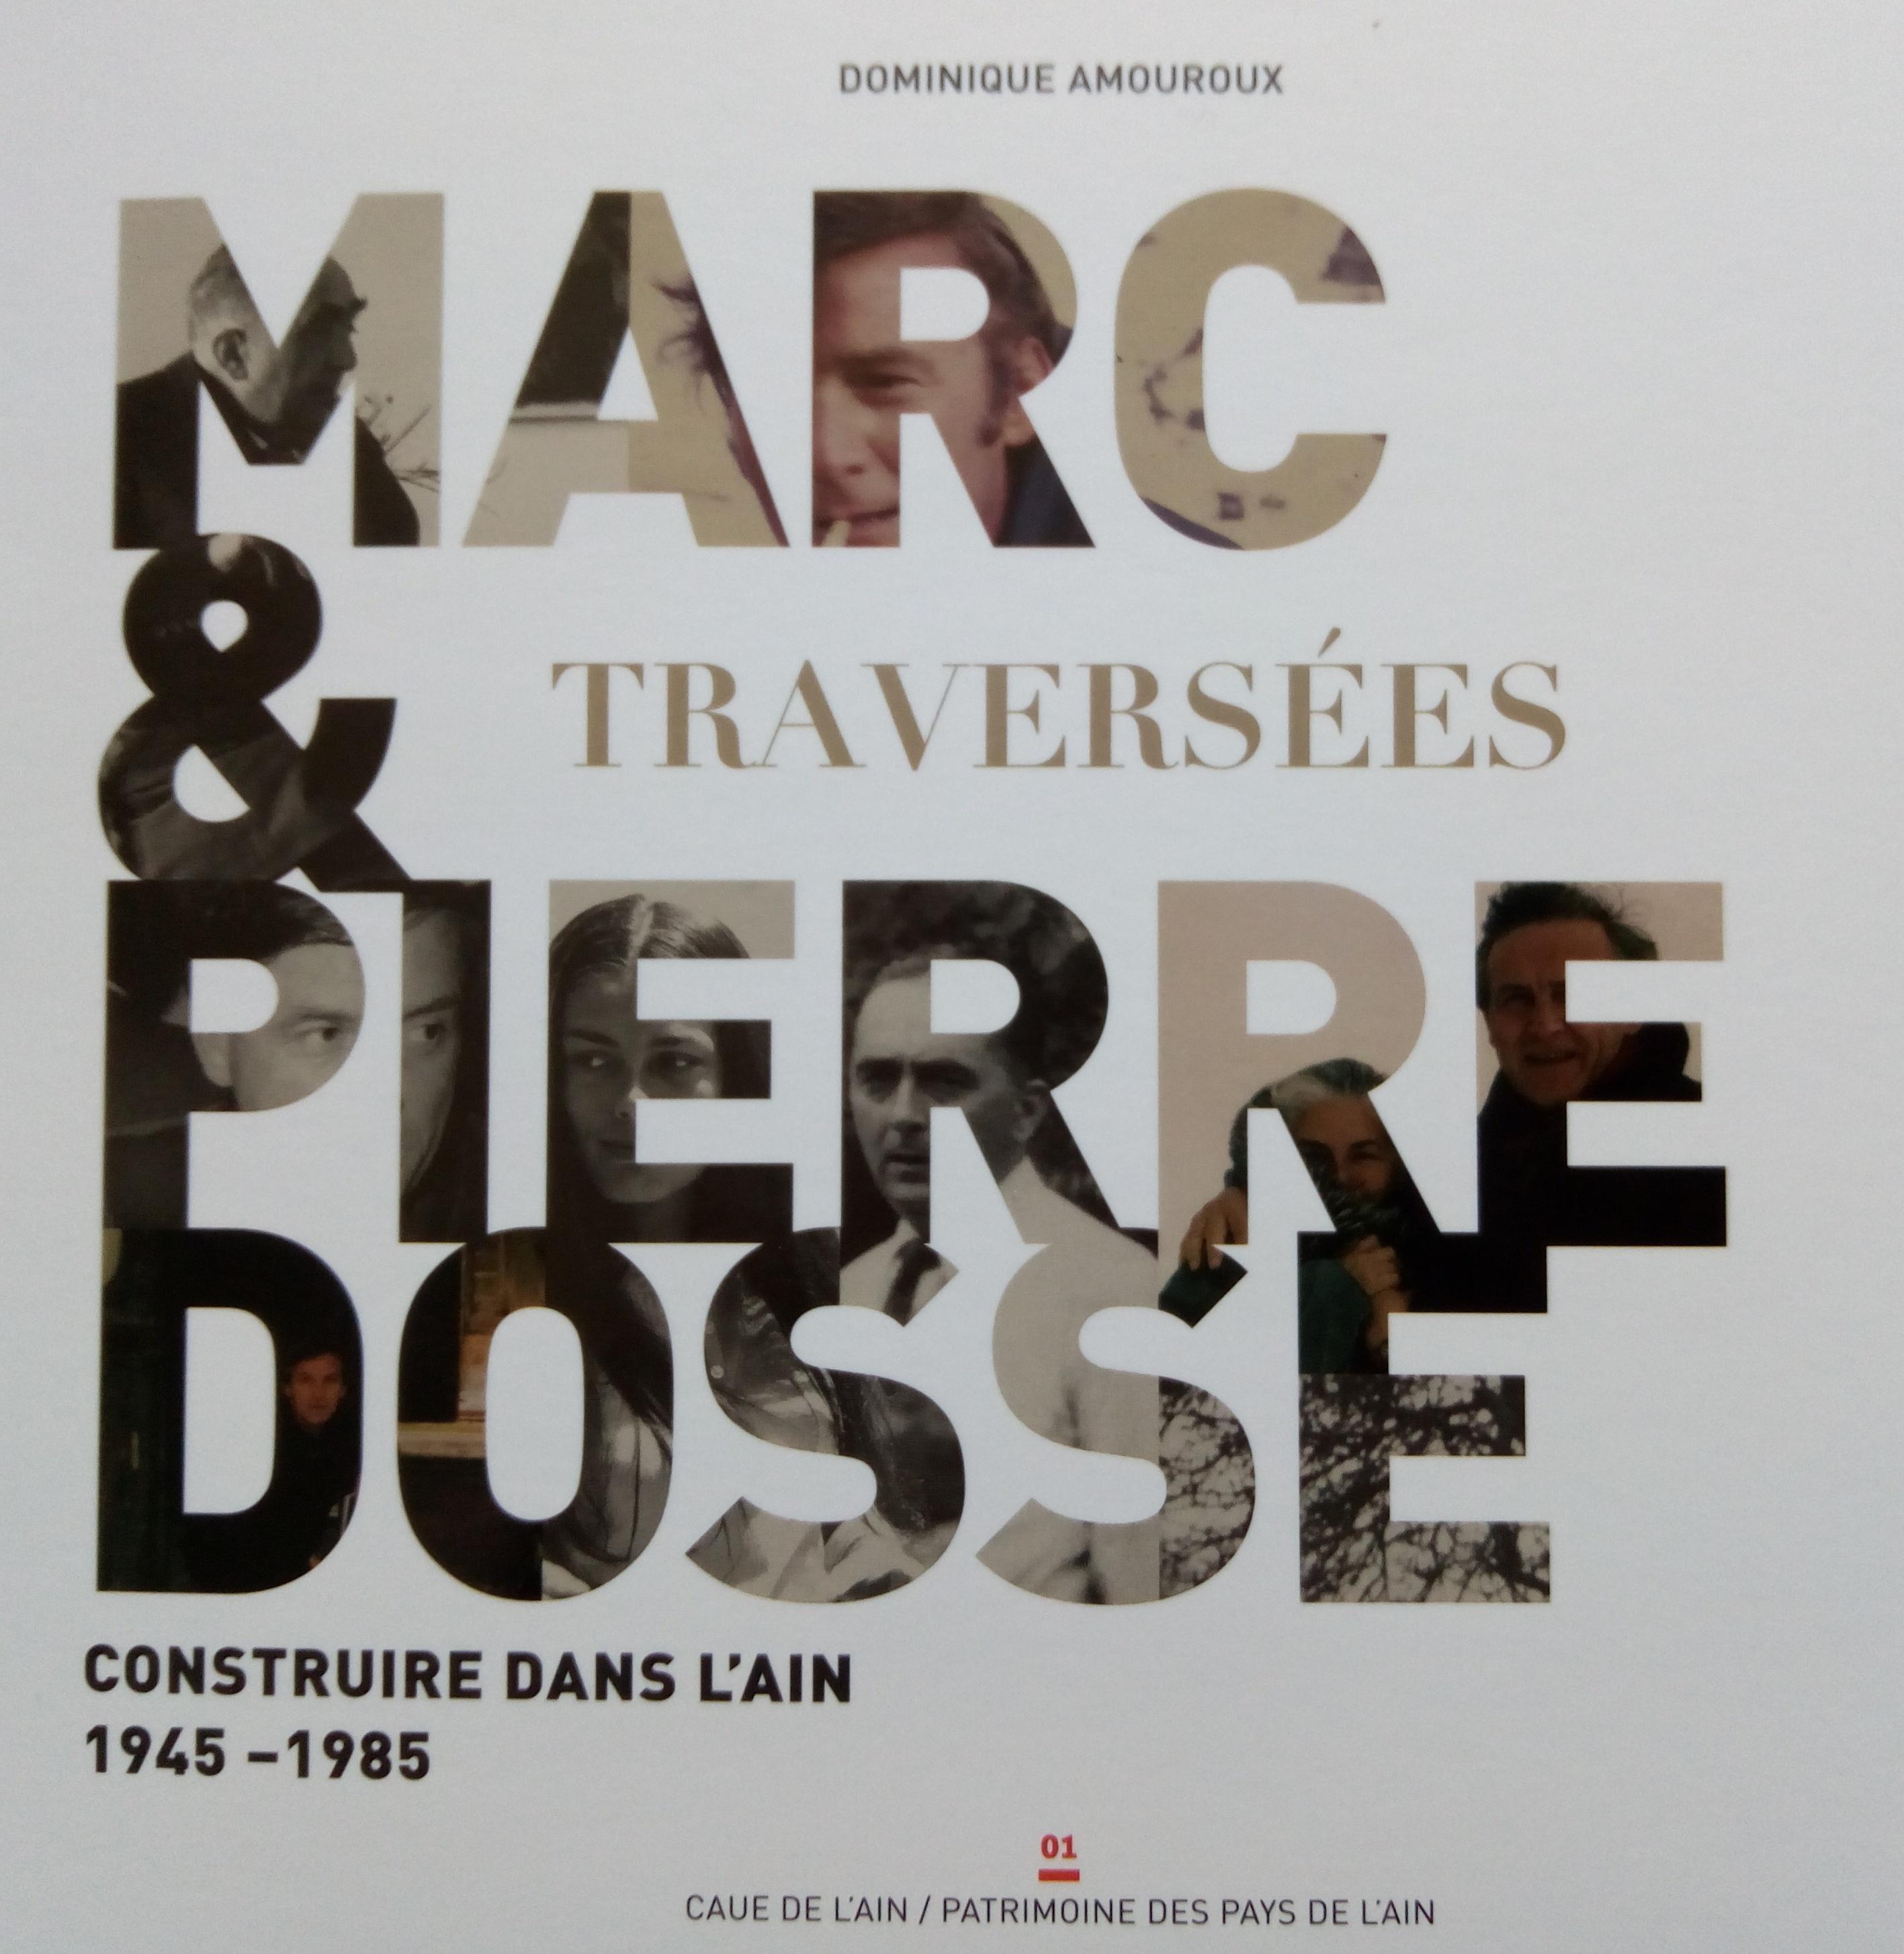 Marc et Pierre DOSSE - Traversées